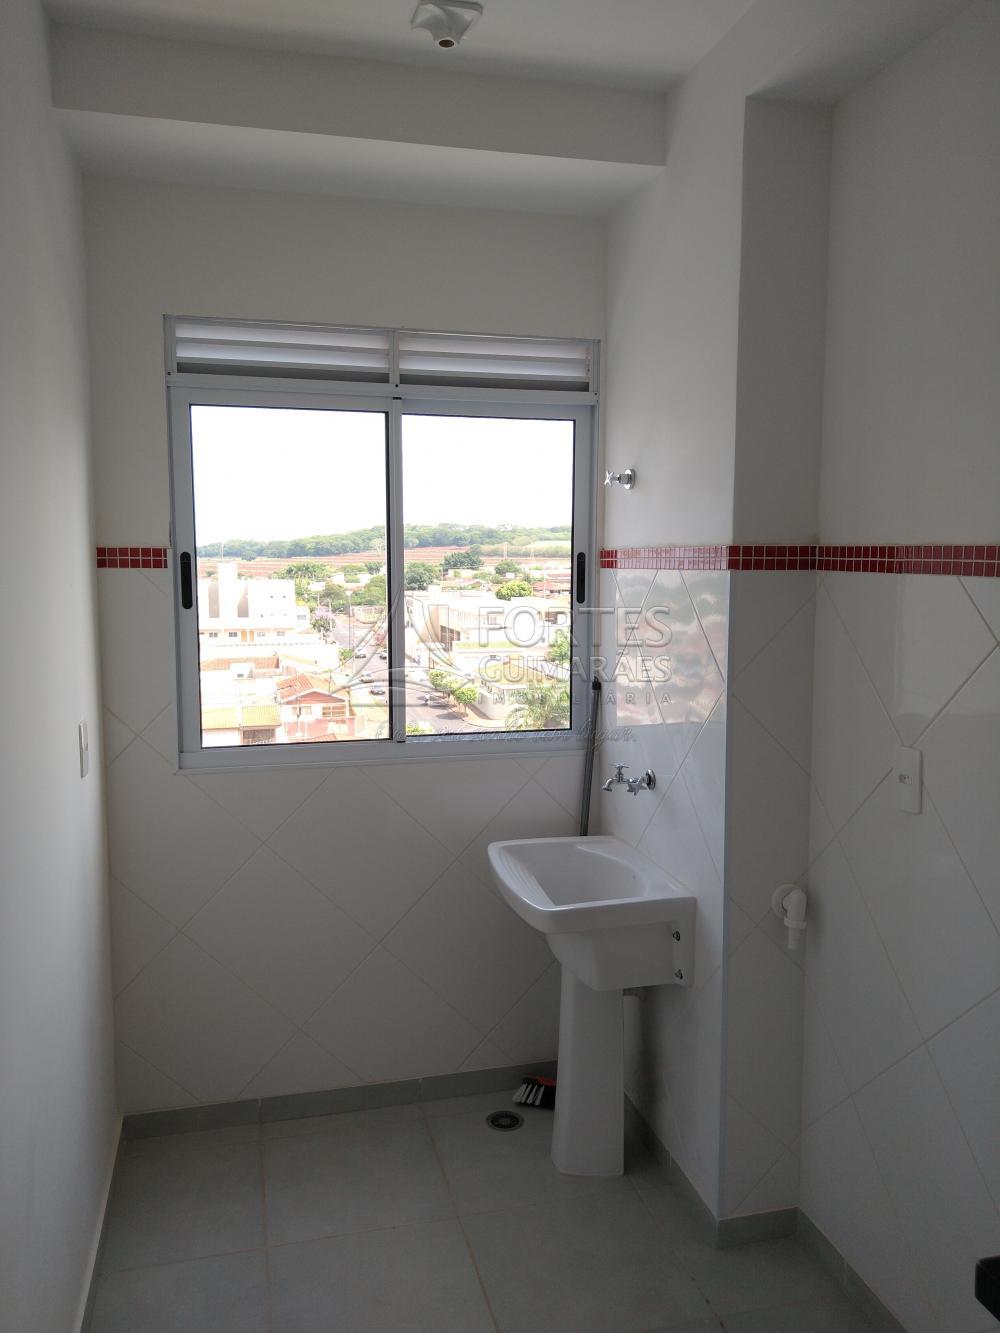 Alugar Apartamentos / Padrão em Ribeirão Preto apenas R$ 800,00 - Foto 32